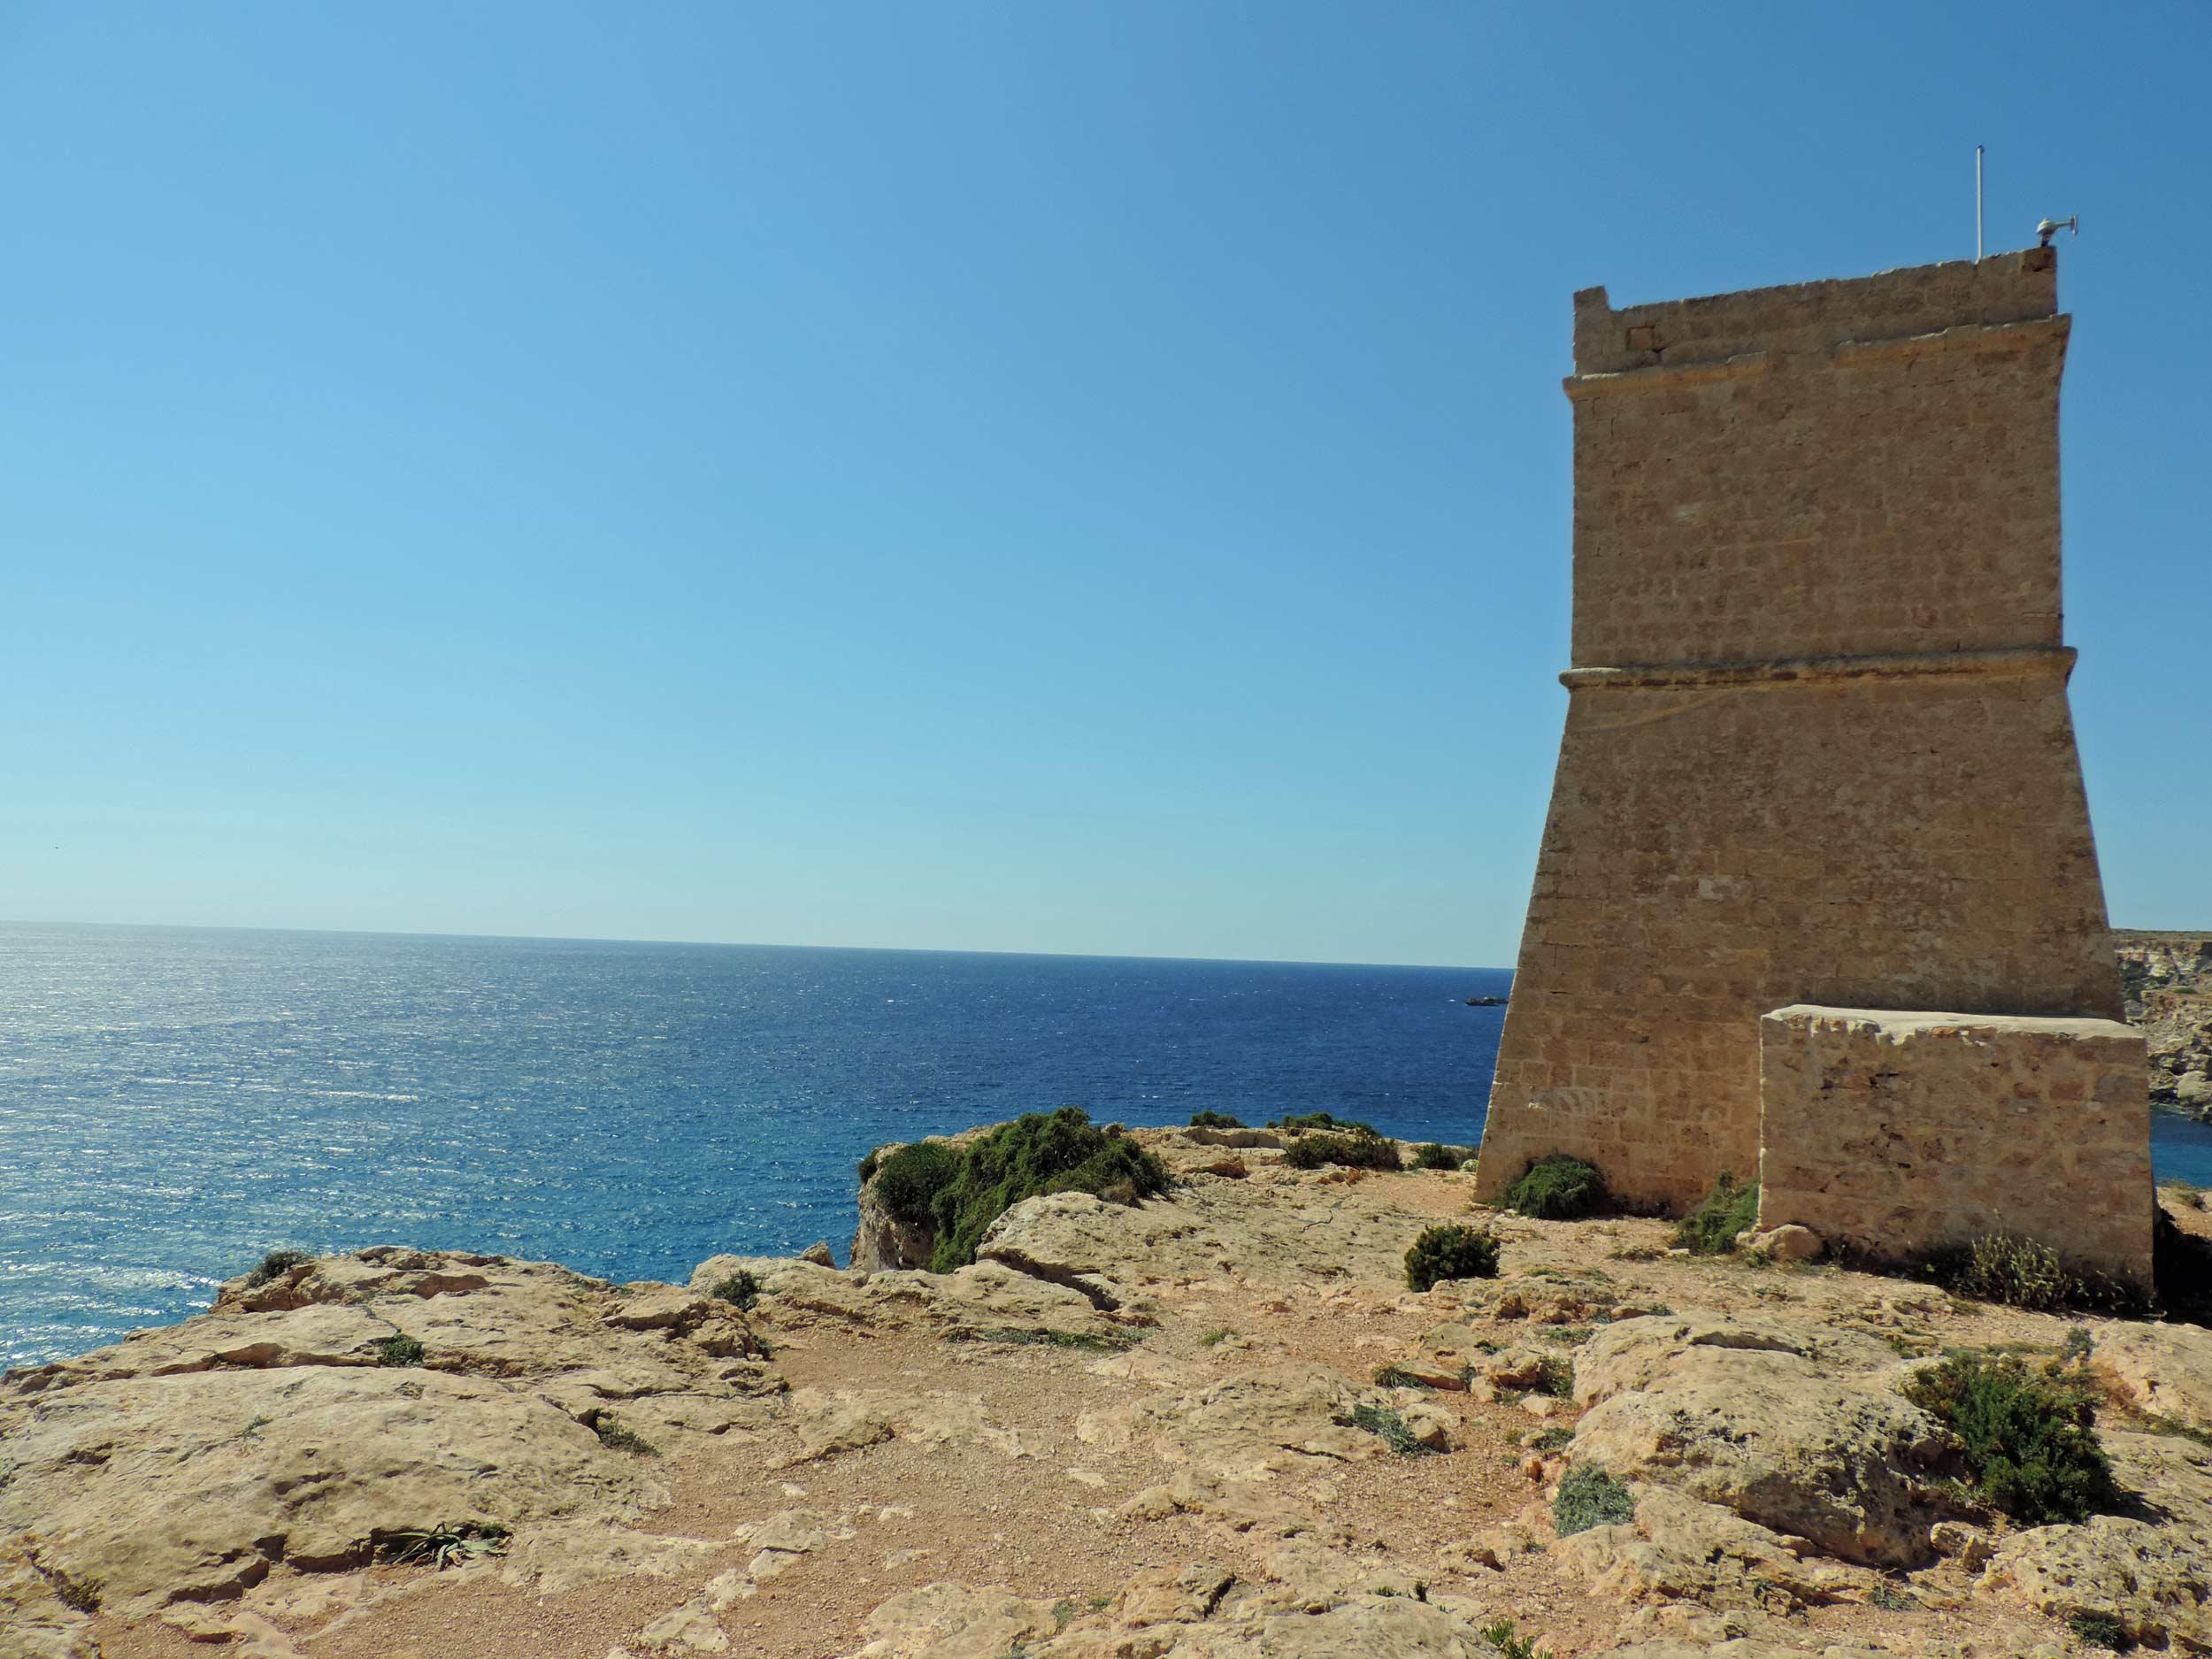 La torre costiera che si affaccia sulla baia di Ghajn Tuffieha